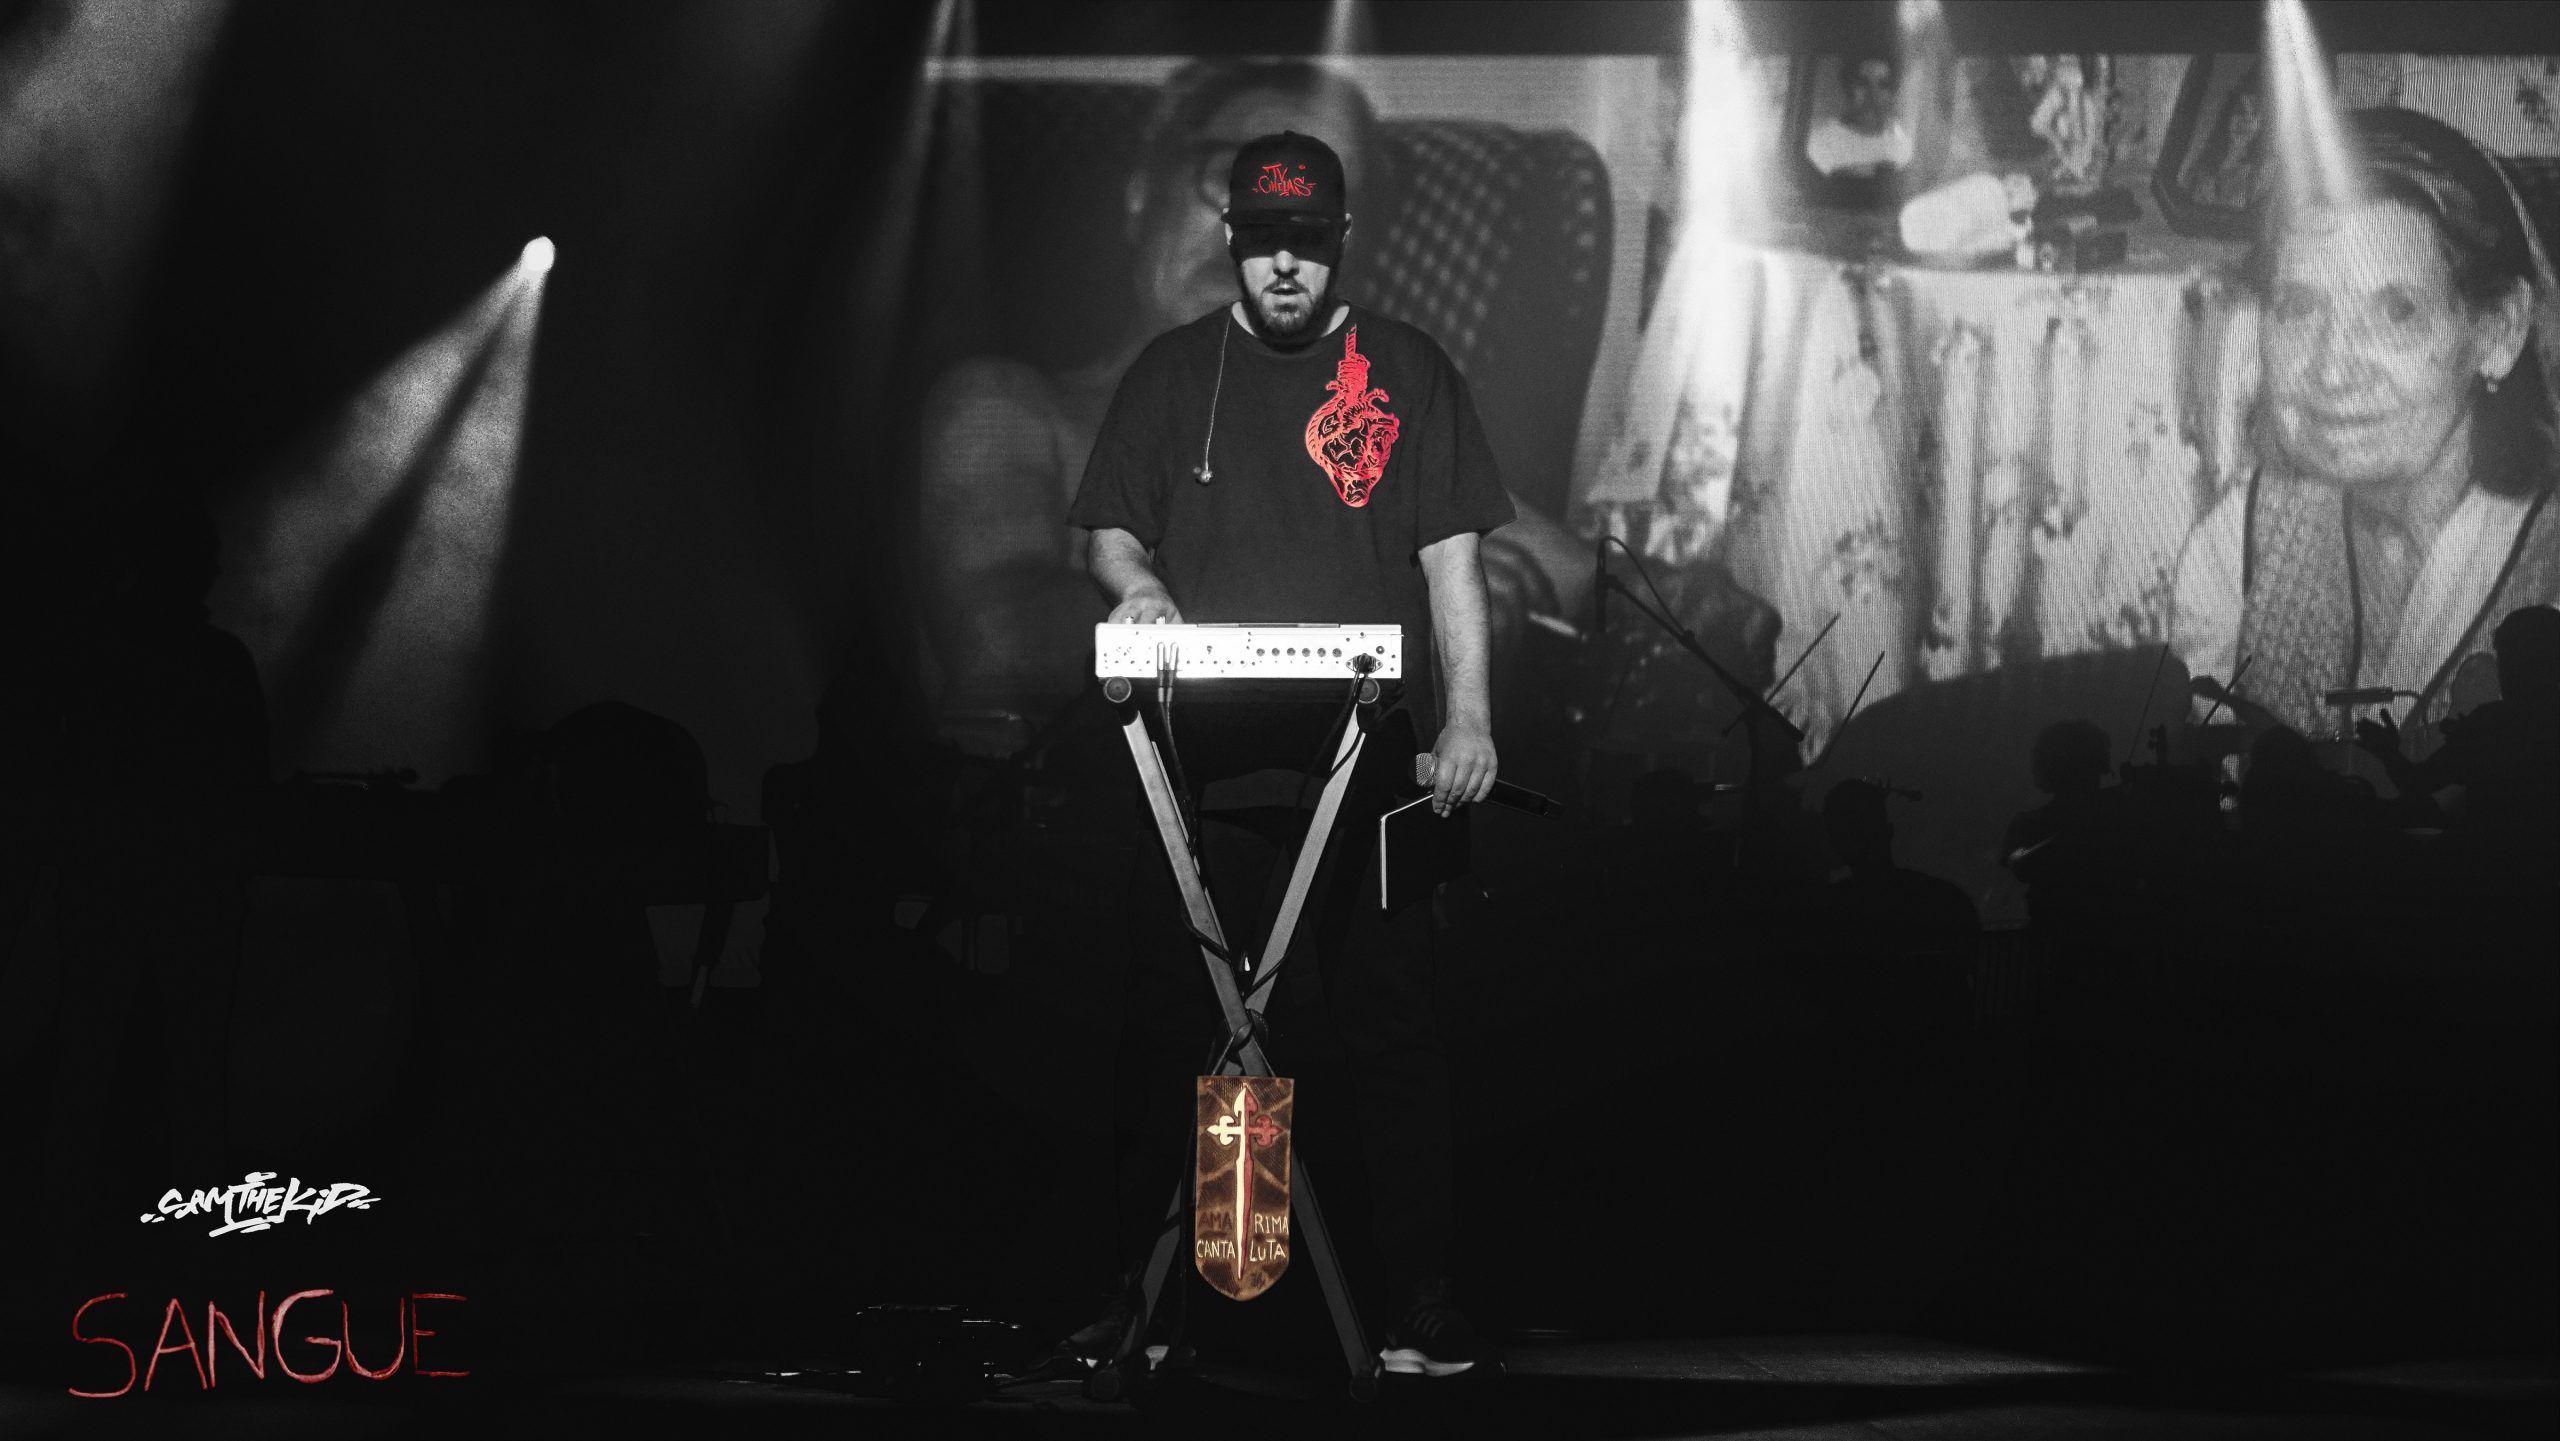 """""""Sangue"""" é o terceiro vídeo retirado dos concertos de Sam The Kid nos Coliseus"""